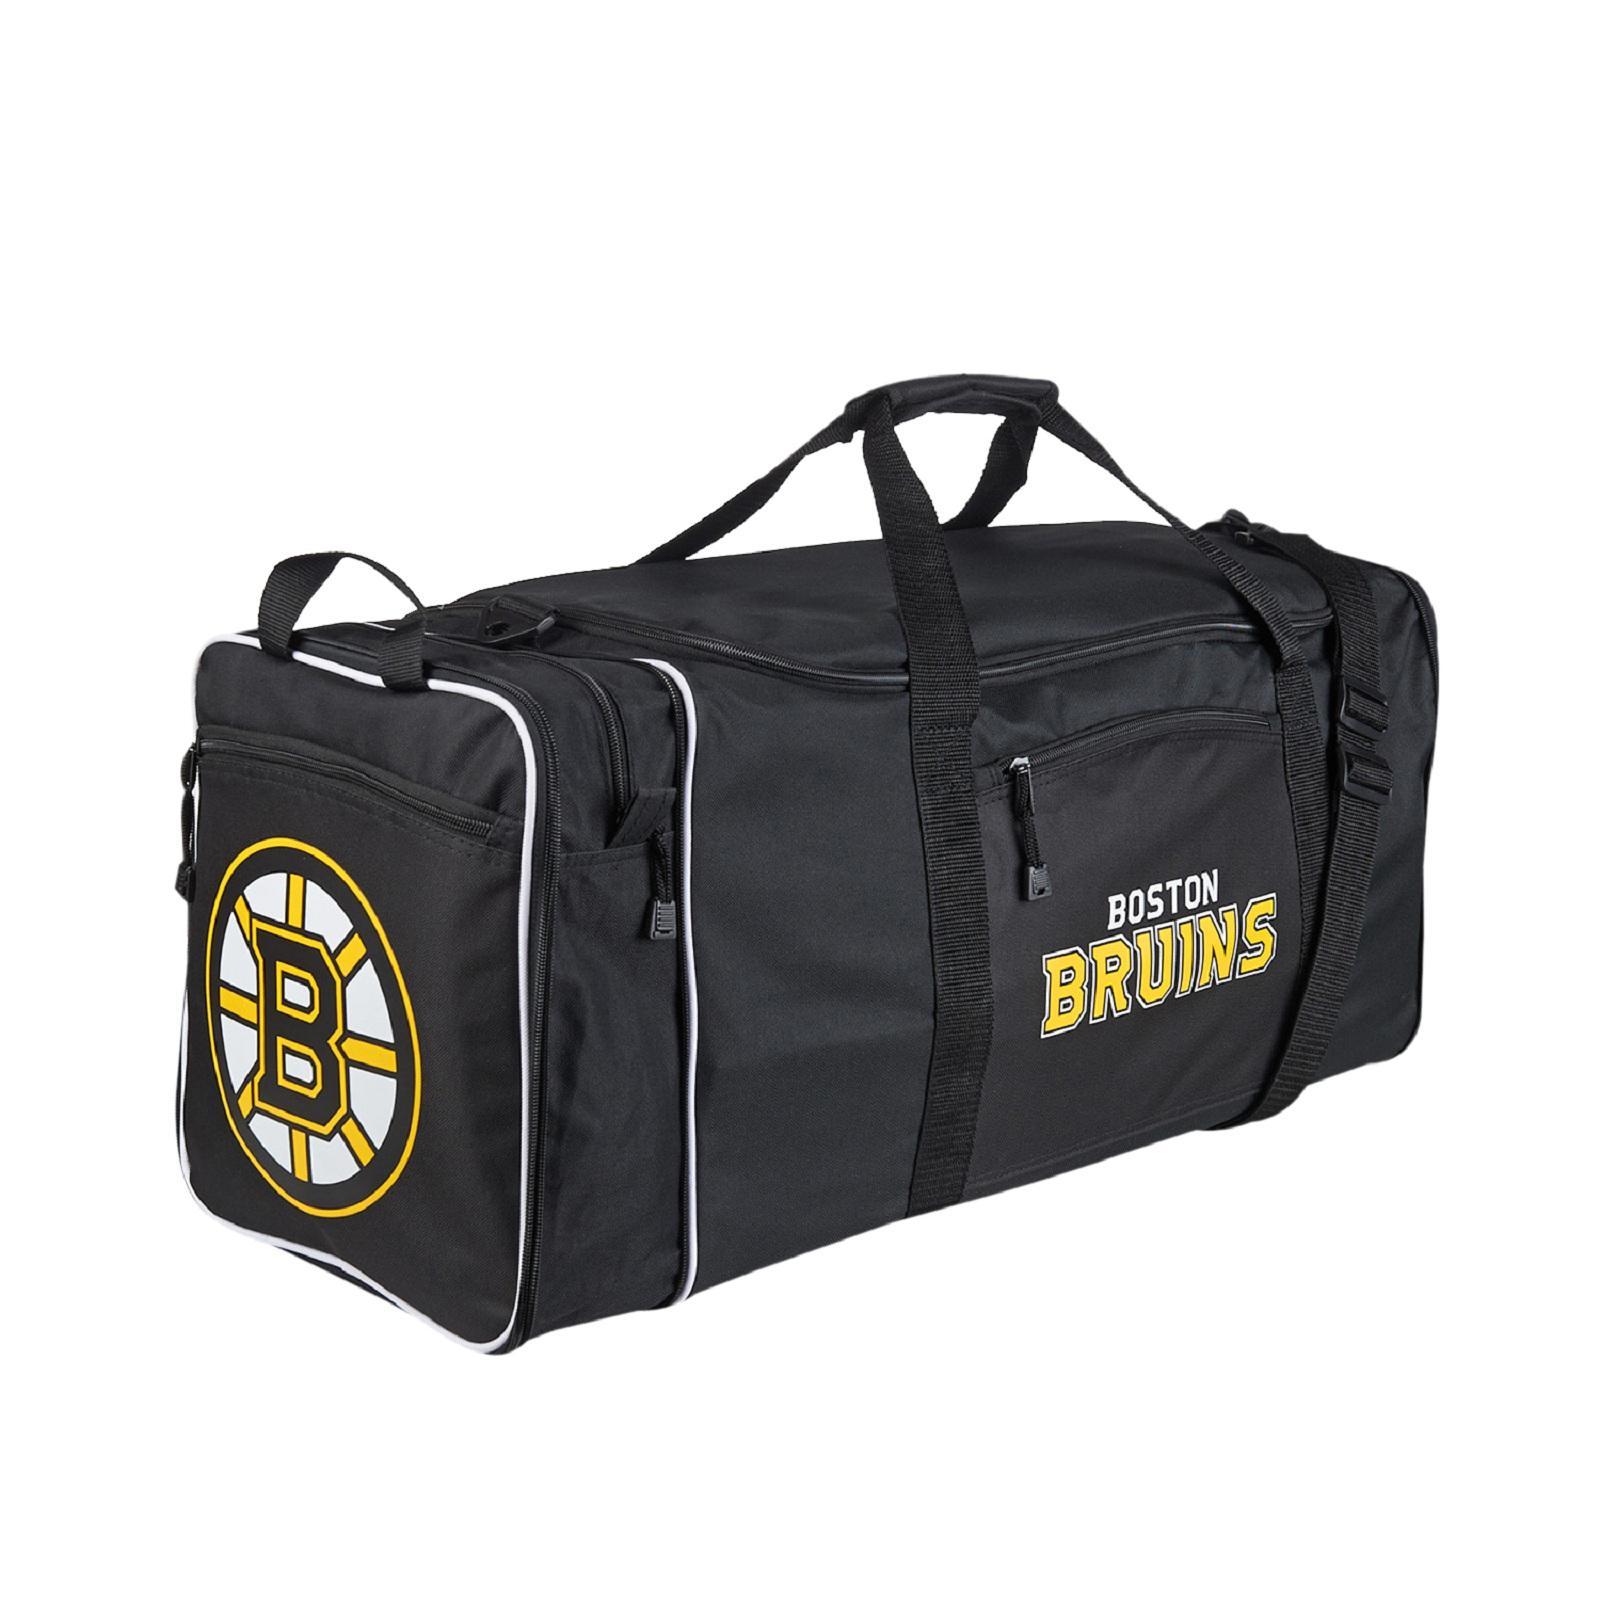 NHL Steal Duffle Bag - Boston Bruins PartNumber: 046W005893212001P KsnValue: 5893212 MfgPartNumber: C11NHL/72C/BRUINS